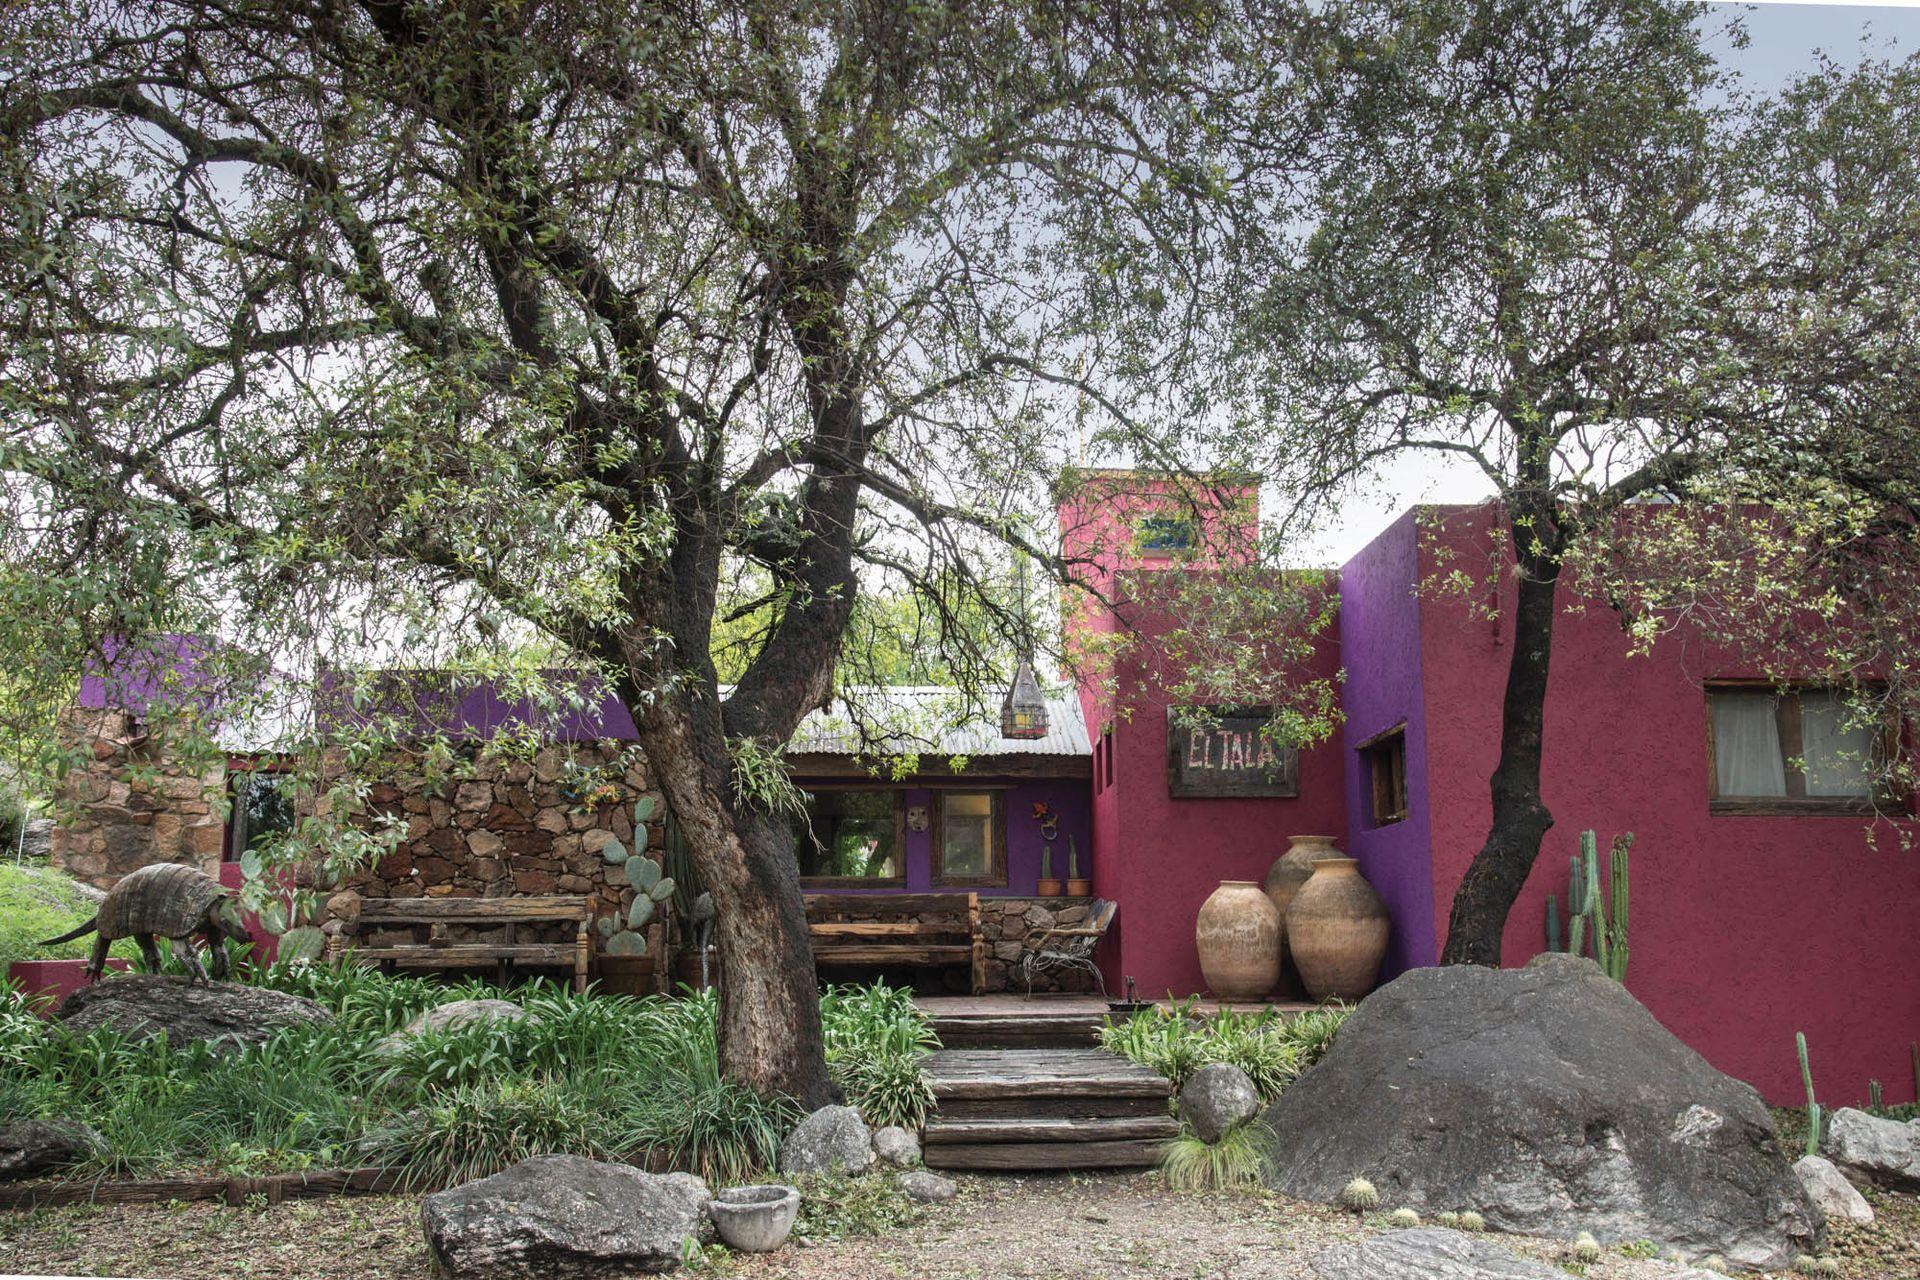 Cactus, árboles nativos, obras de arte de artistas locales y vasijas norteñas suman identidad y carácter a la fisonomía de la finca El Tala.